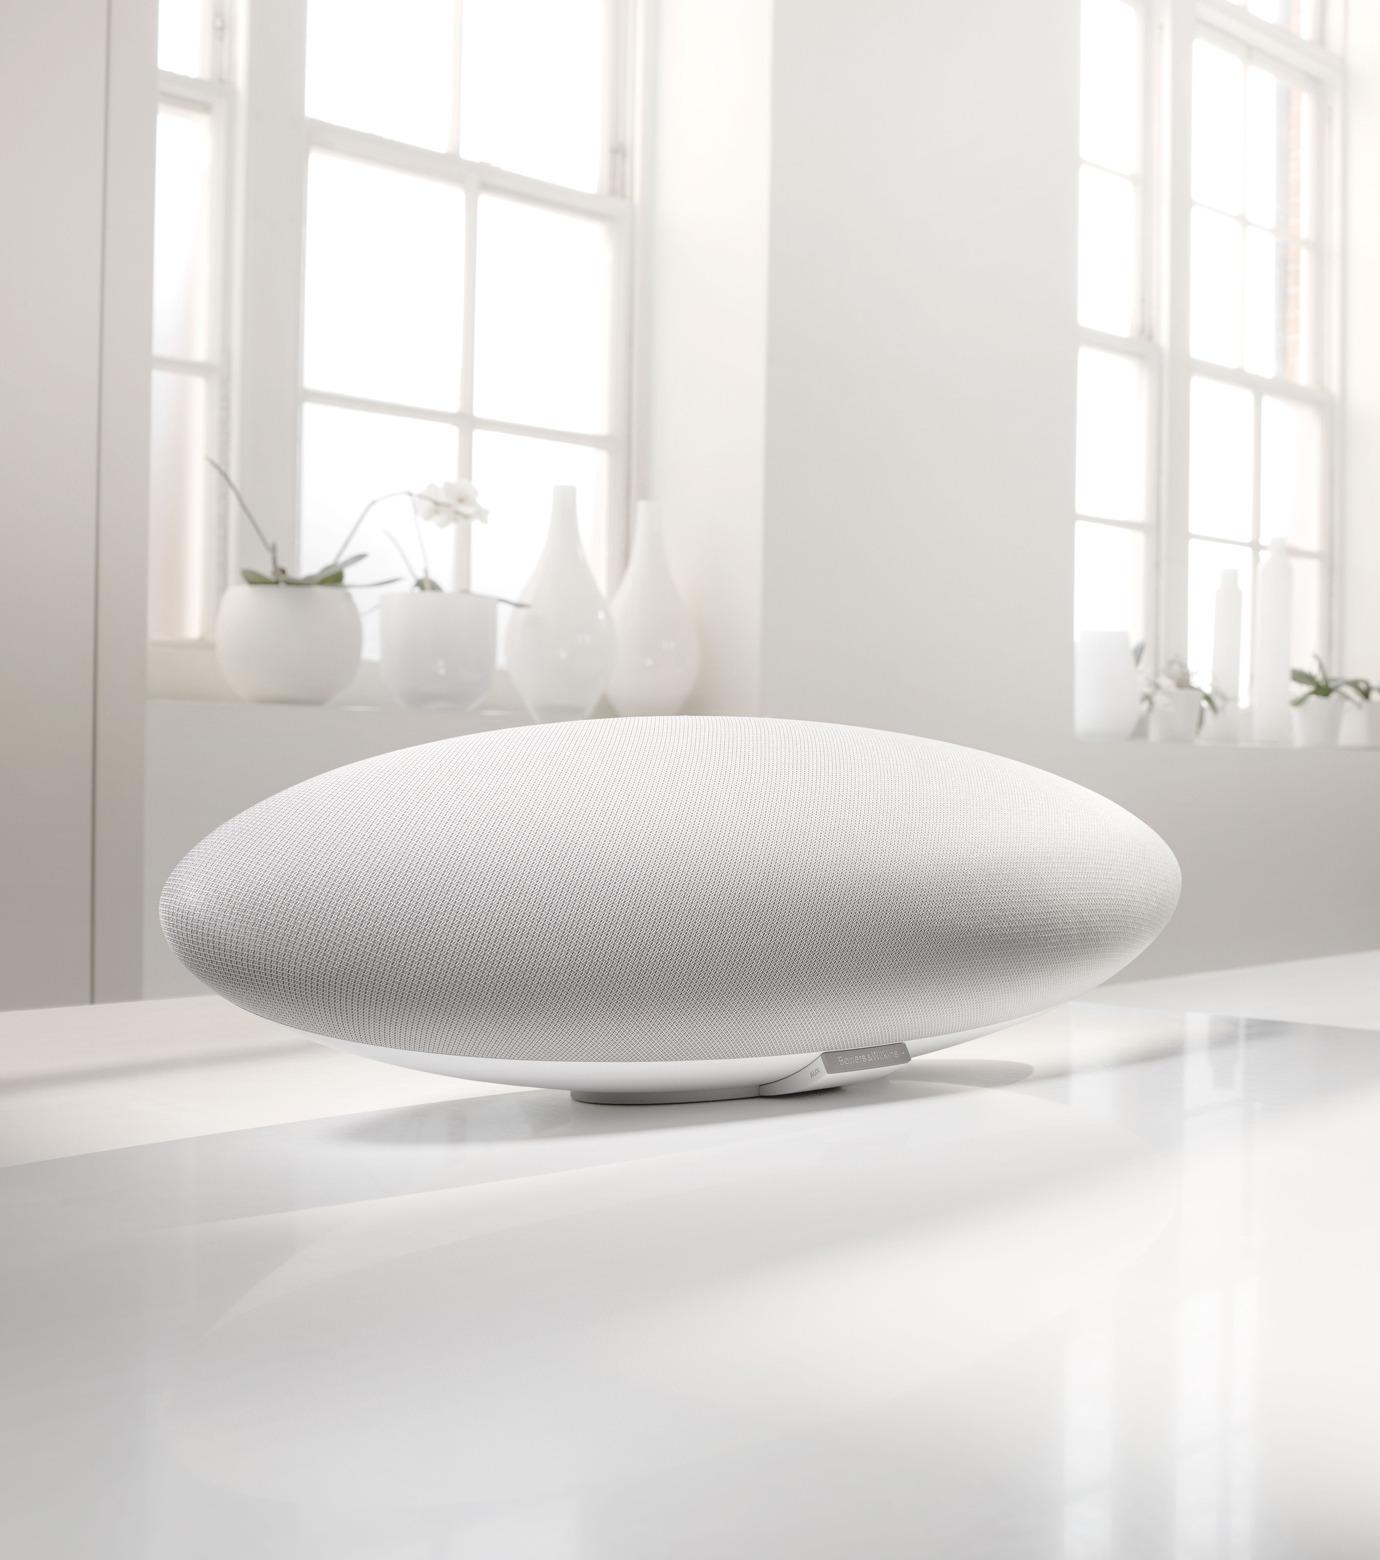 Bowers&Wilkins()のzeppelin wireless WHITE-WHITE(スピーカー/speaker)-BW-zeppelin-4-4 拡大詳細画像4